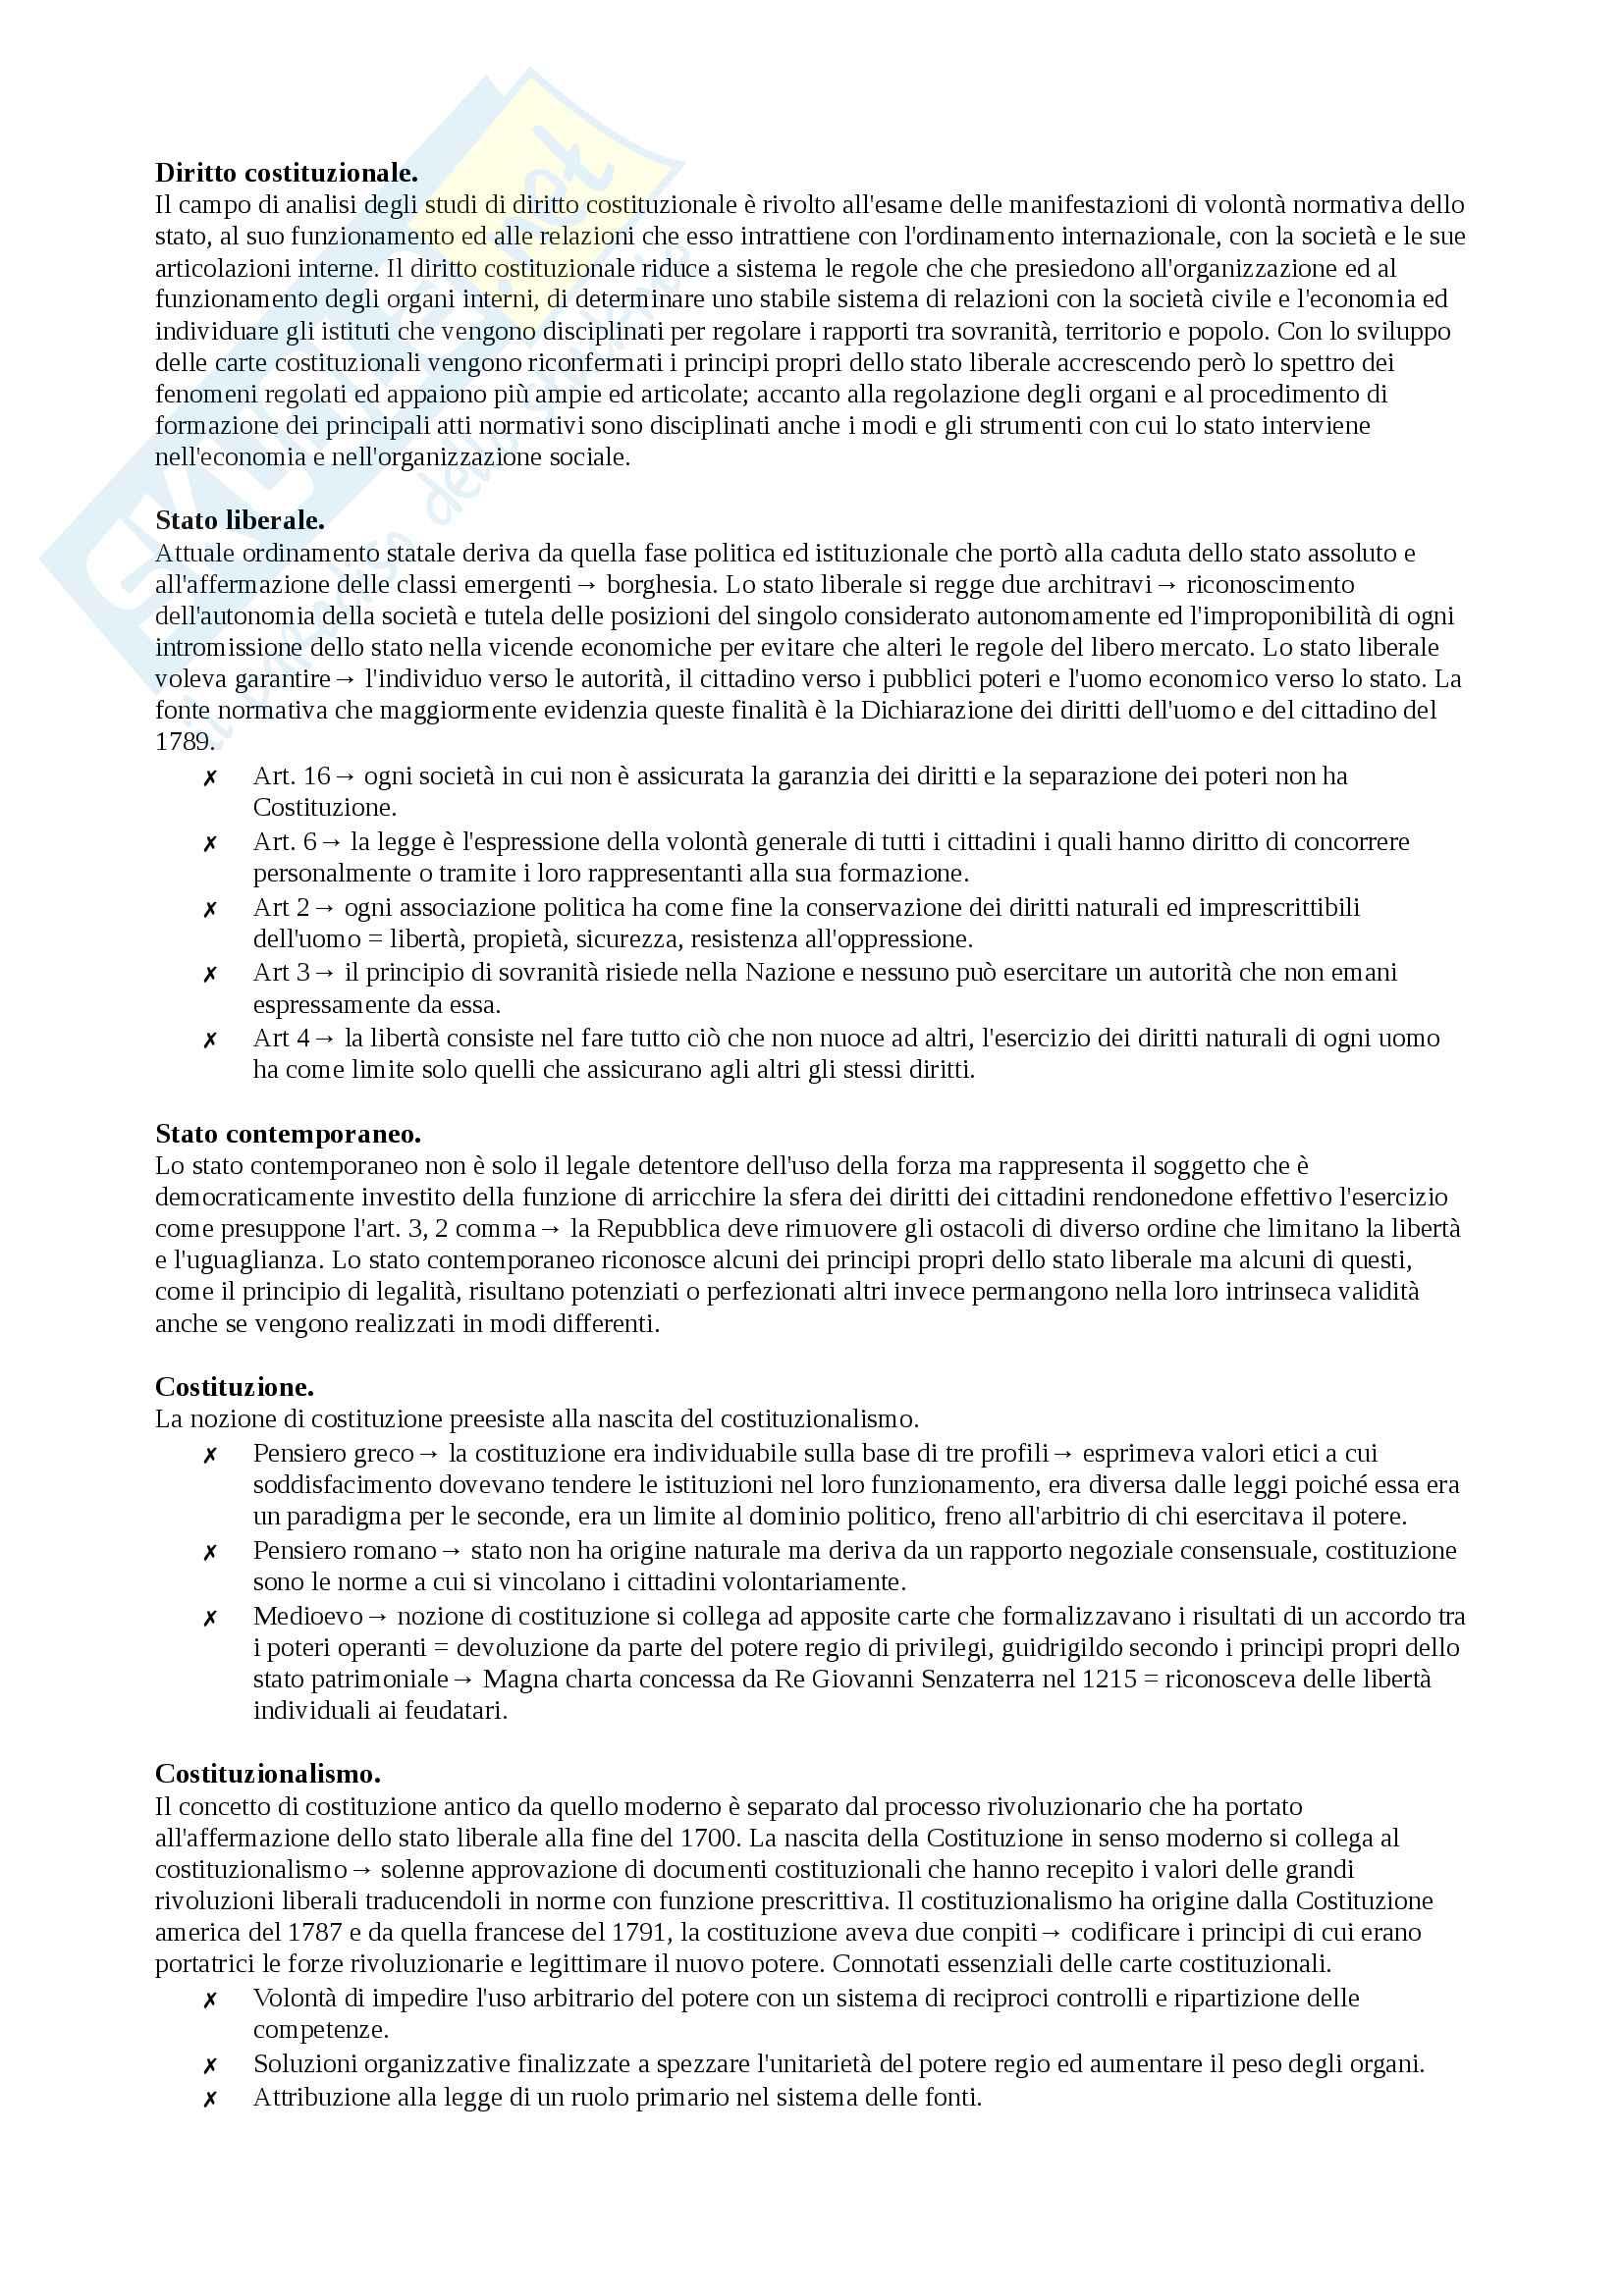 Riassunto esame diritto Costituzionale, prof Ceccherini, libri consigliati L'organizzazione costituzionale dello Stato, Rolla e L'organizzazione territoriale della repubblica e la giustizia costituzionale di Rolla